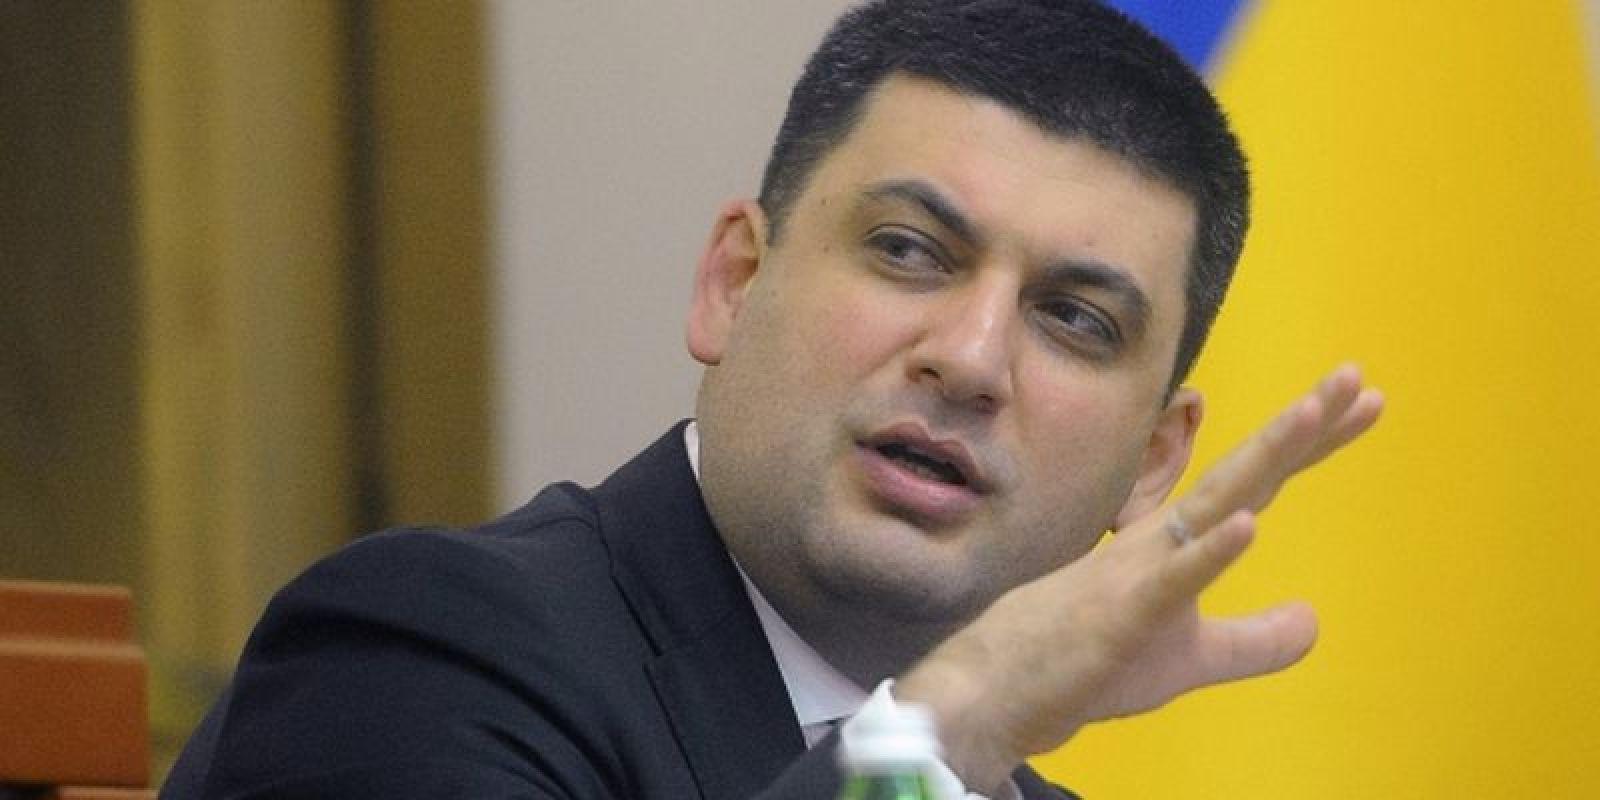 Гройсман жестко высказался о «законе Савченко»: украинцы негодуют